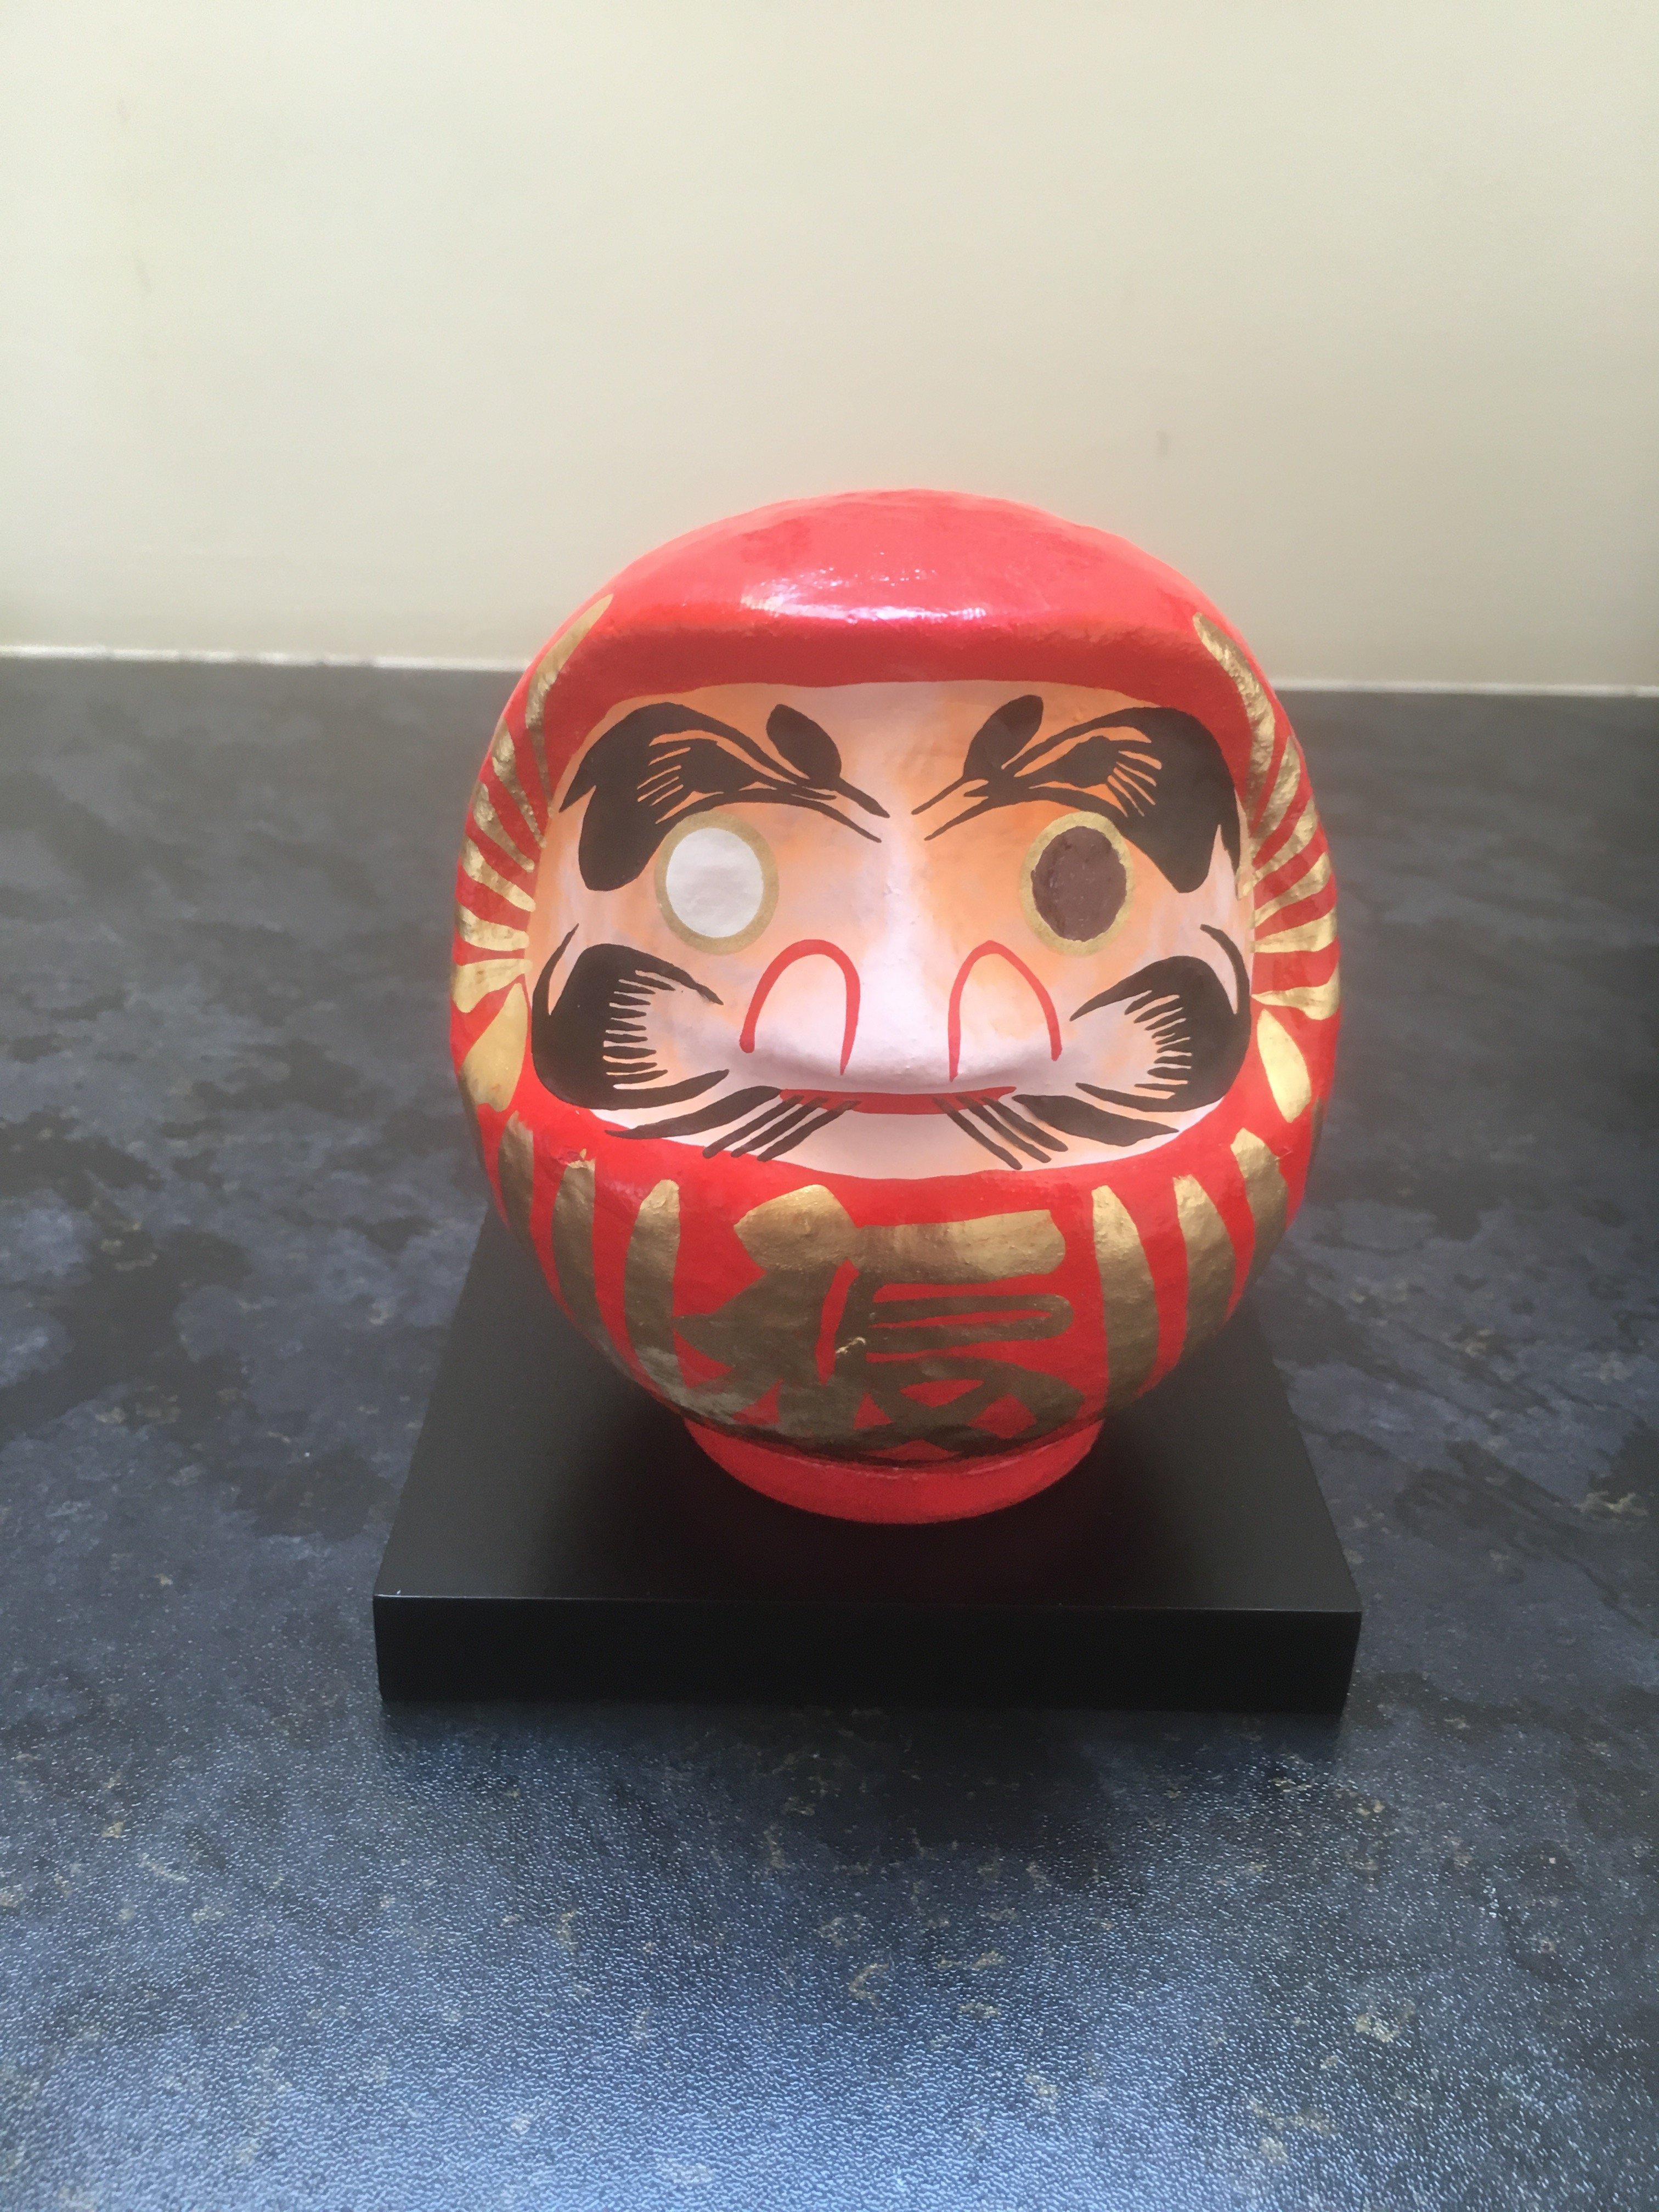 Japanese Daruma doll